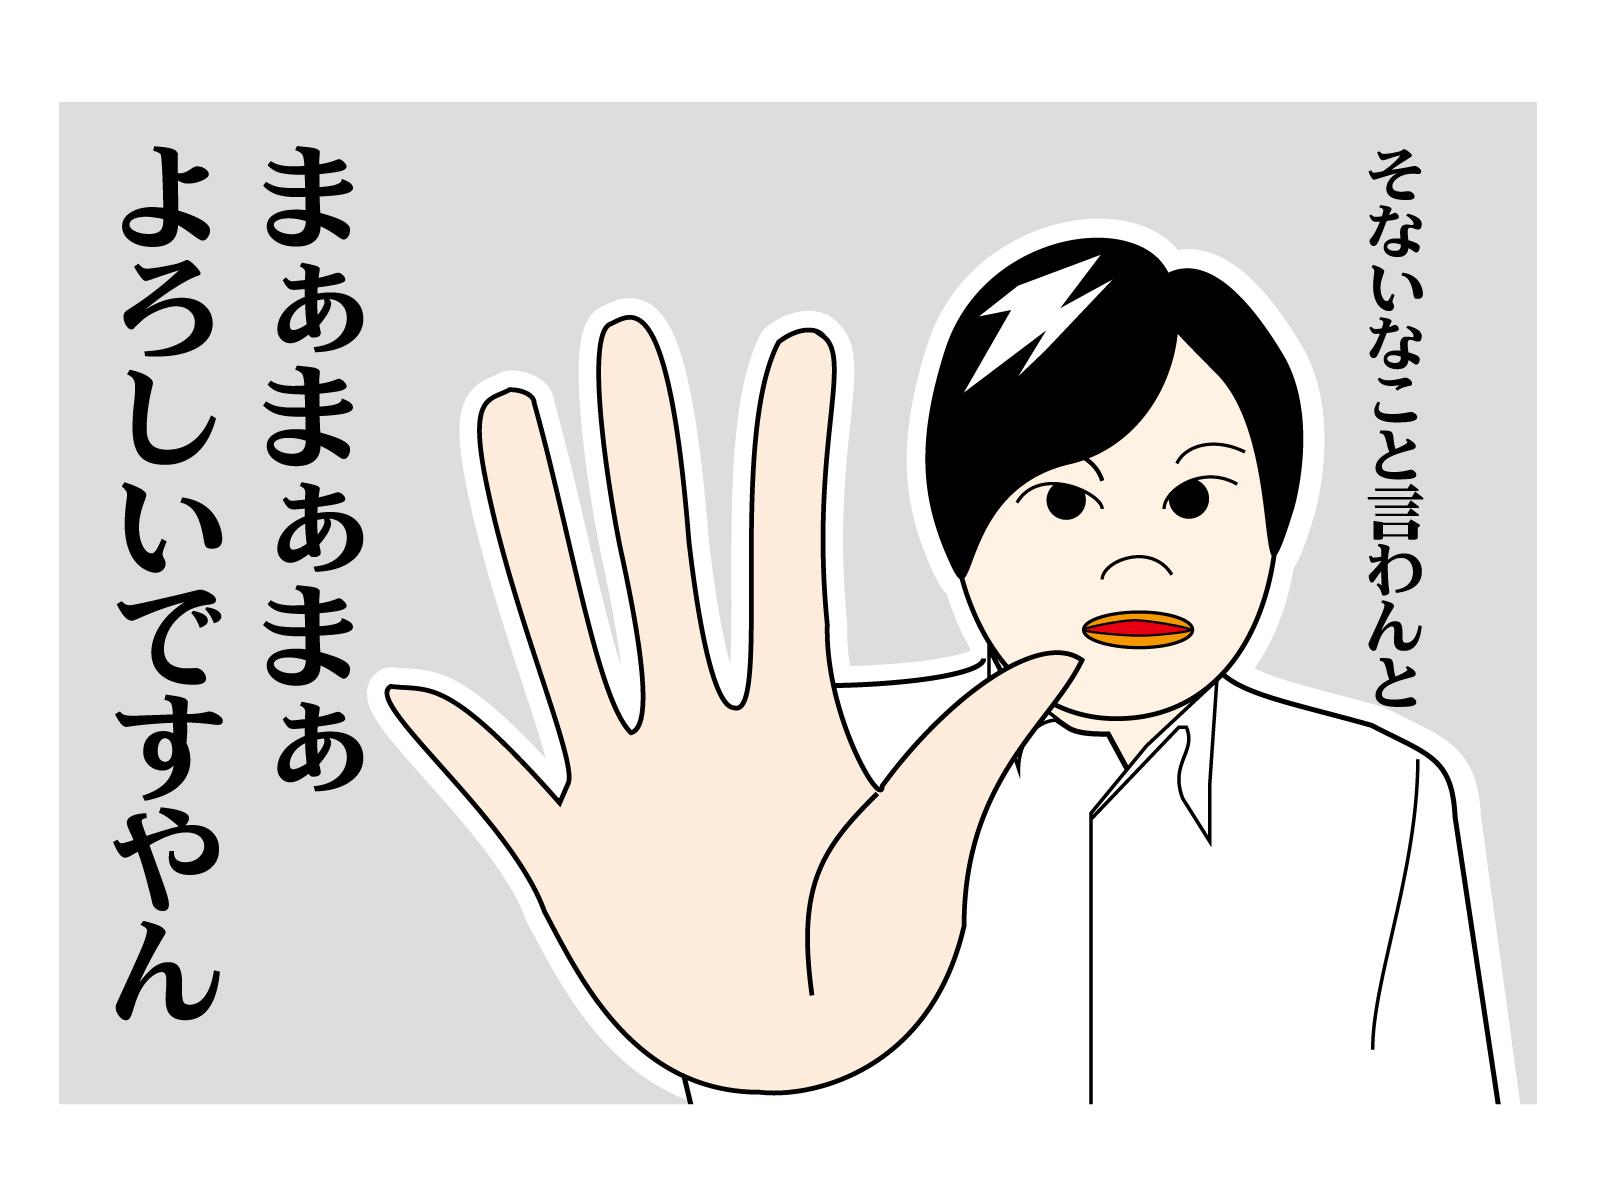 【関西弁クイズ 20問】関西人にしかわからない!?おもしろ三択問題を紹介!